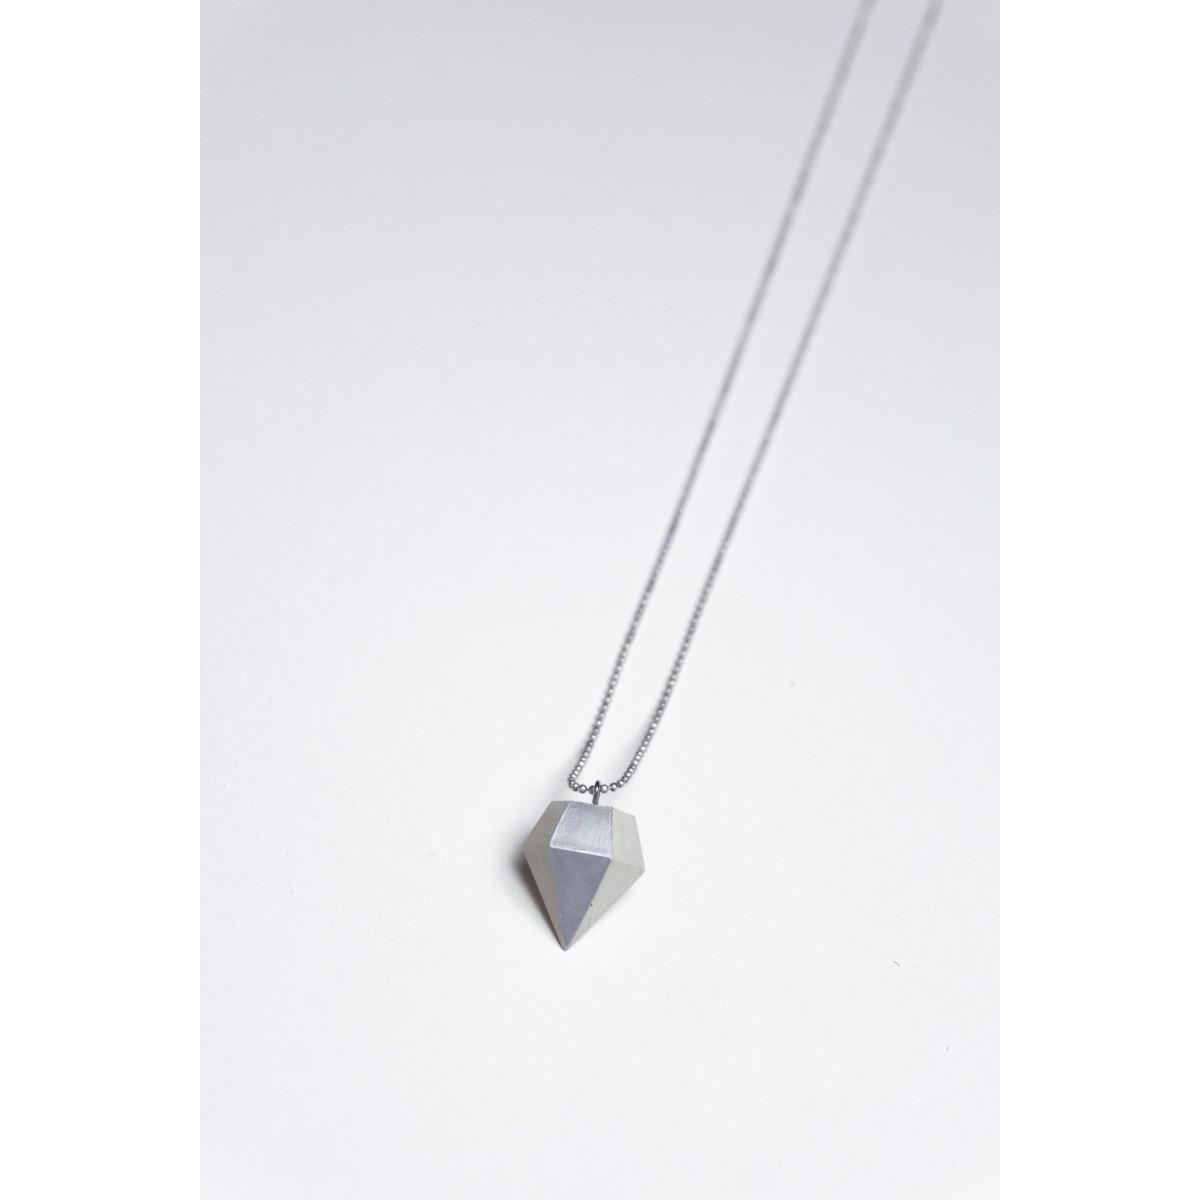 Klunkergrau | Dünner Klunker - Diamant aus Beton